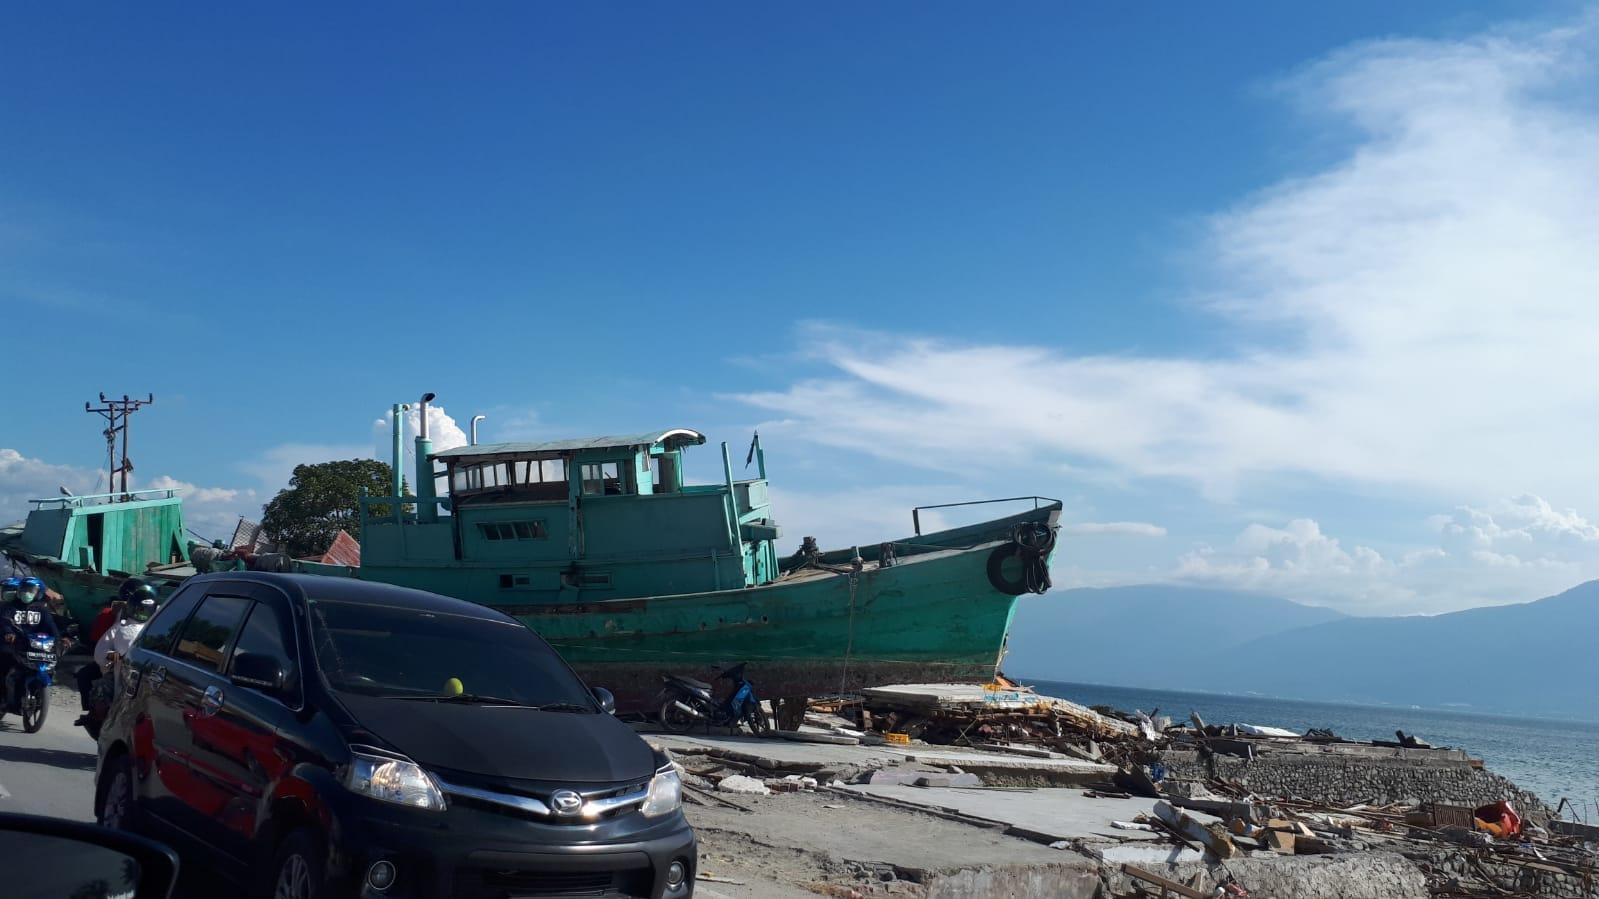 Sur la route de Gorontalo-Palu, octobre 2018